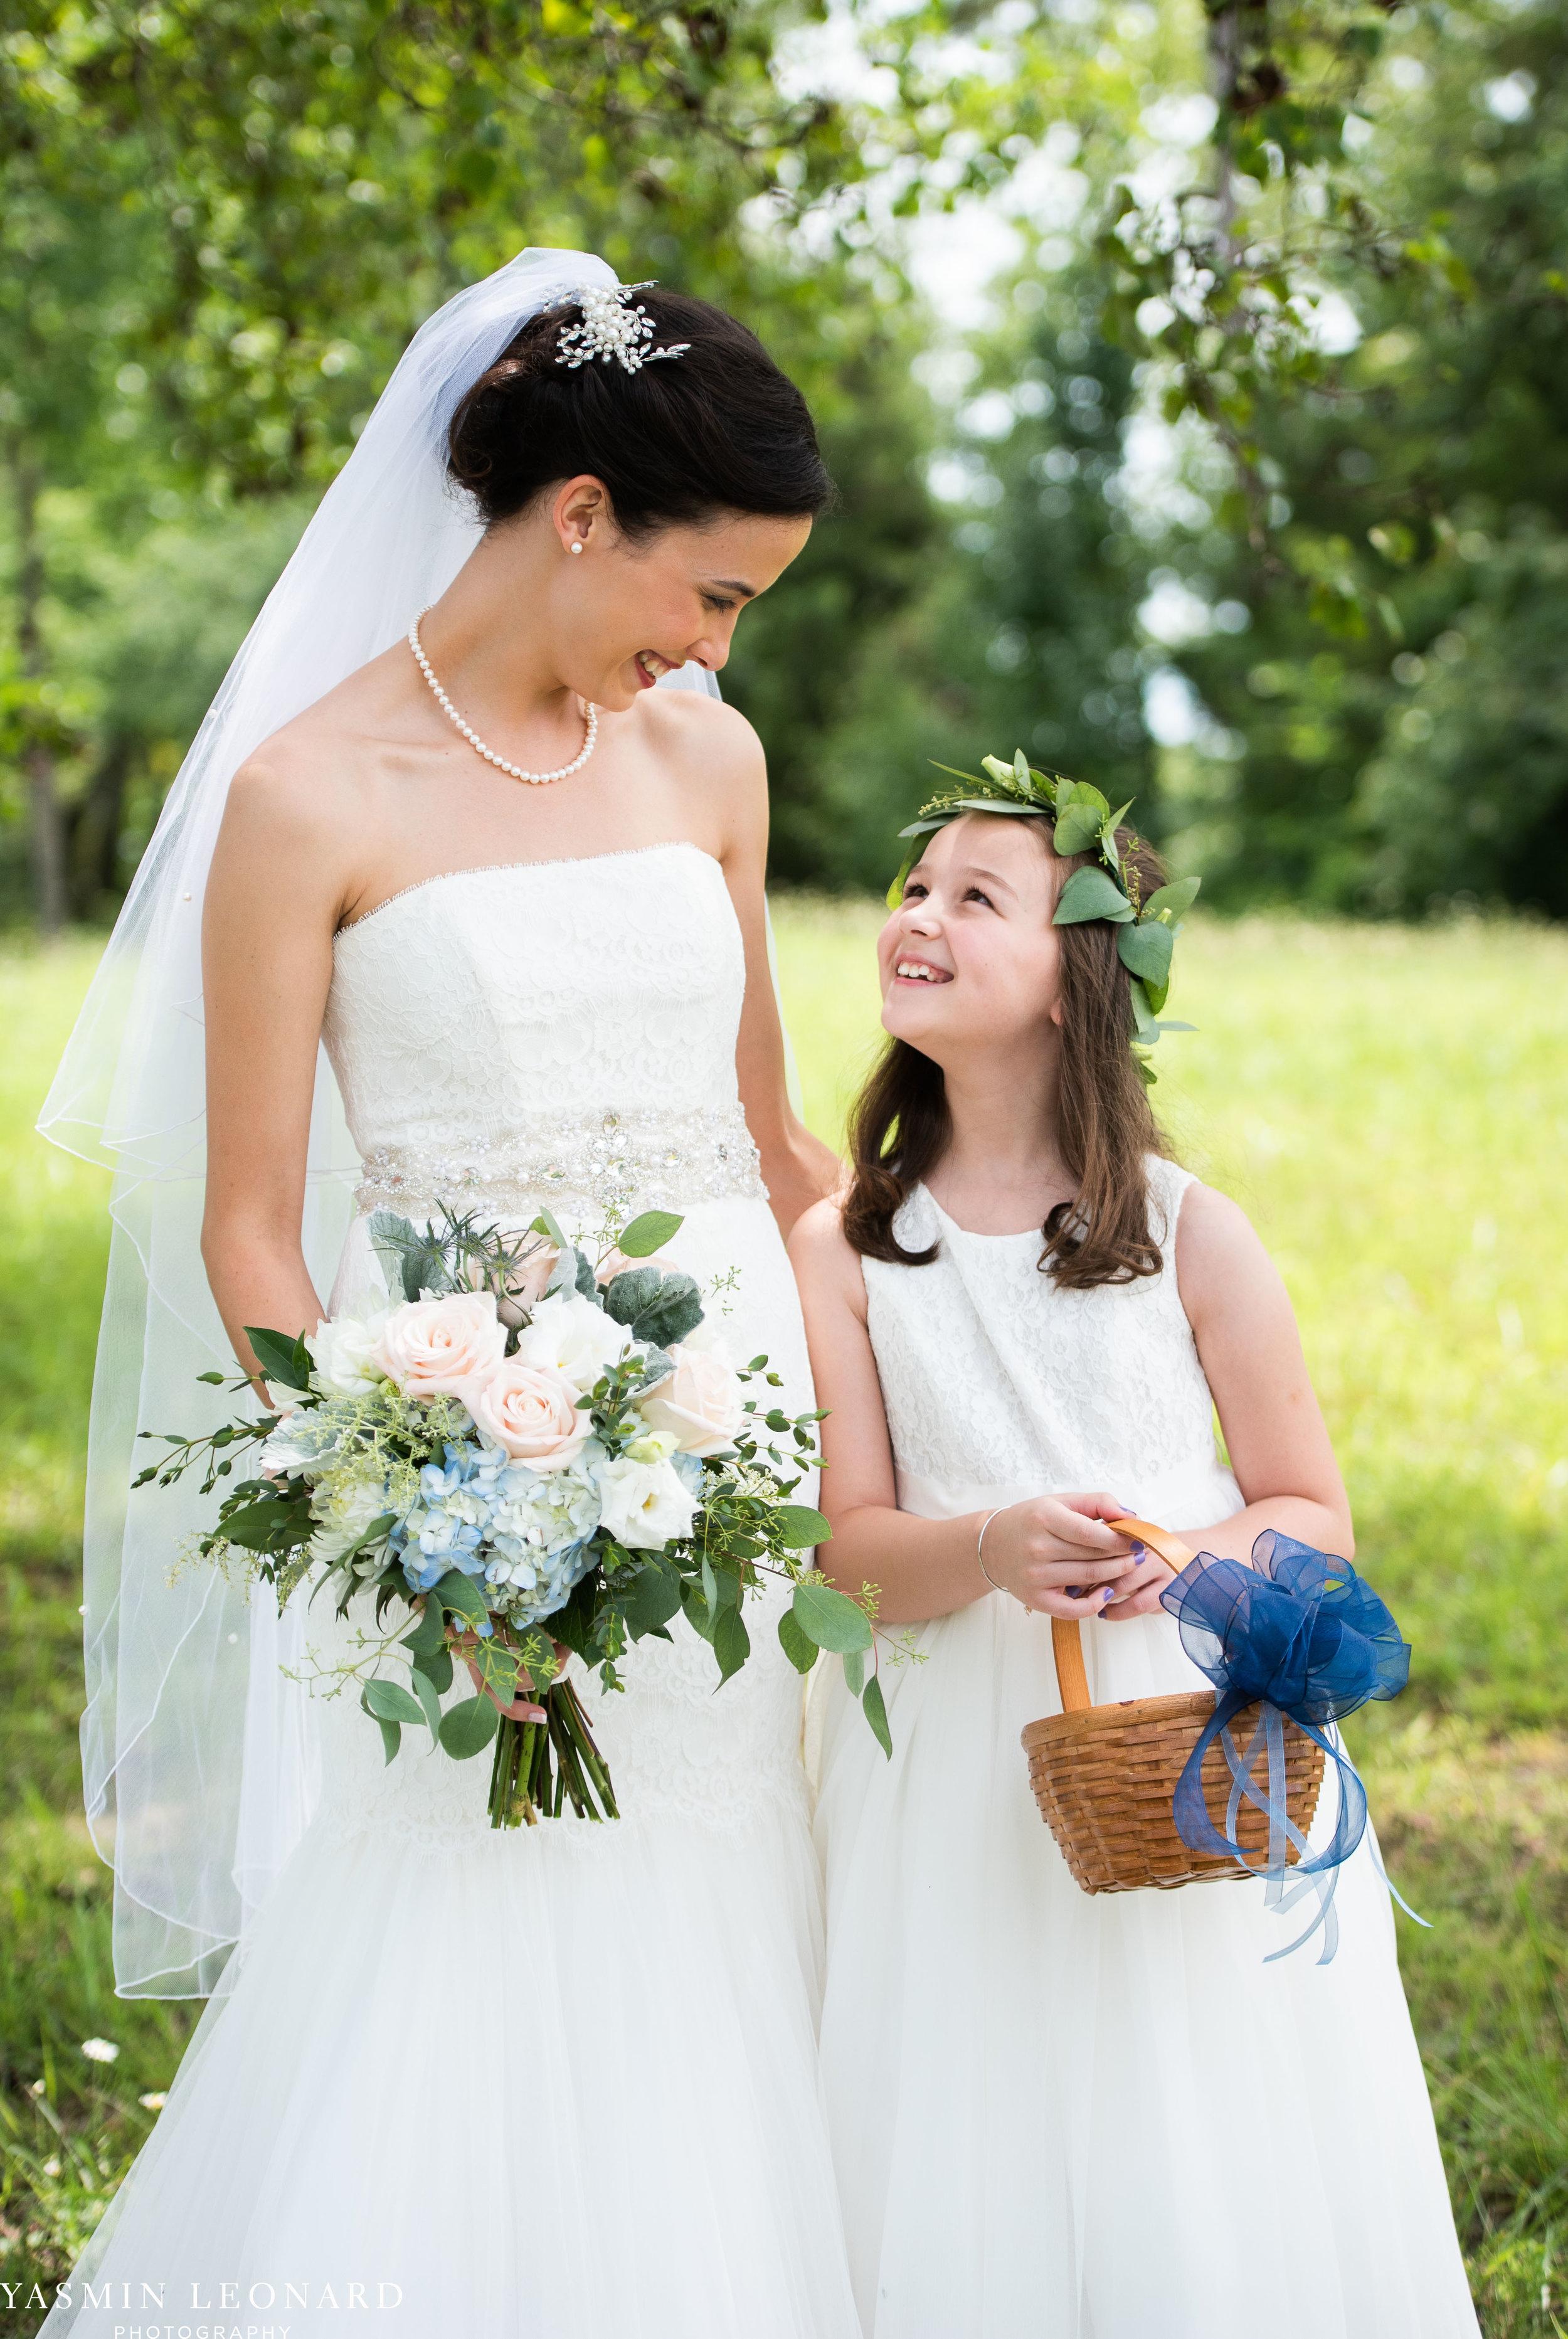 Mt. Pleasant Church - Church Wedding - Traditional Wedding - Church Ceremony - Country Wedding - Godly Wedding - NC Wedding Photographer - High Point Weddings - Triad Weddings - NC Venues-17.jpg